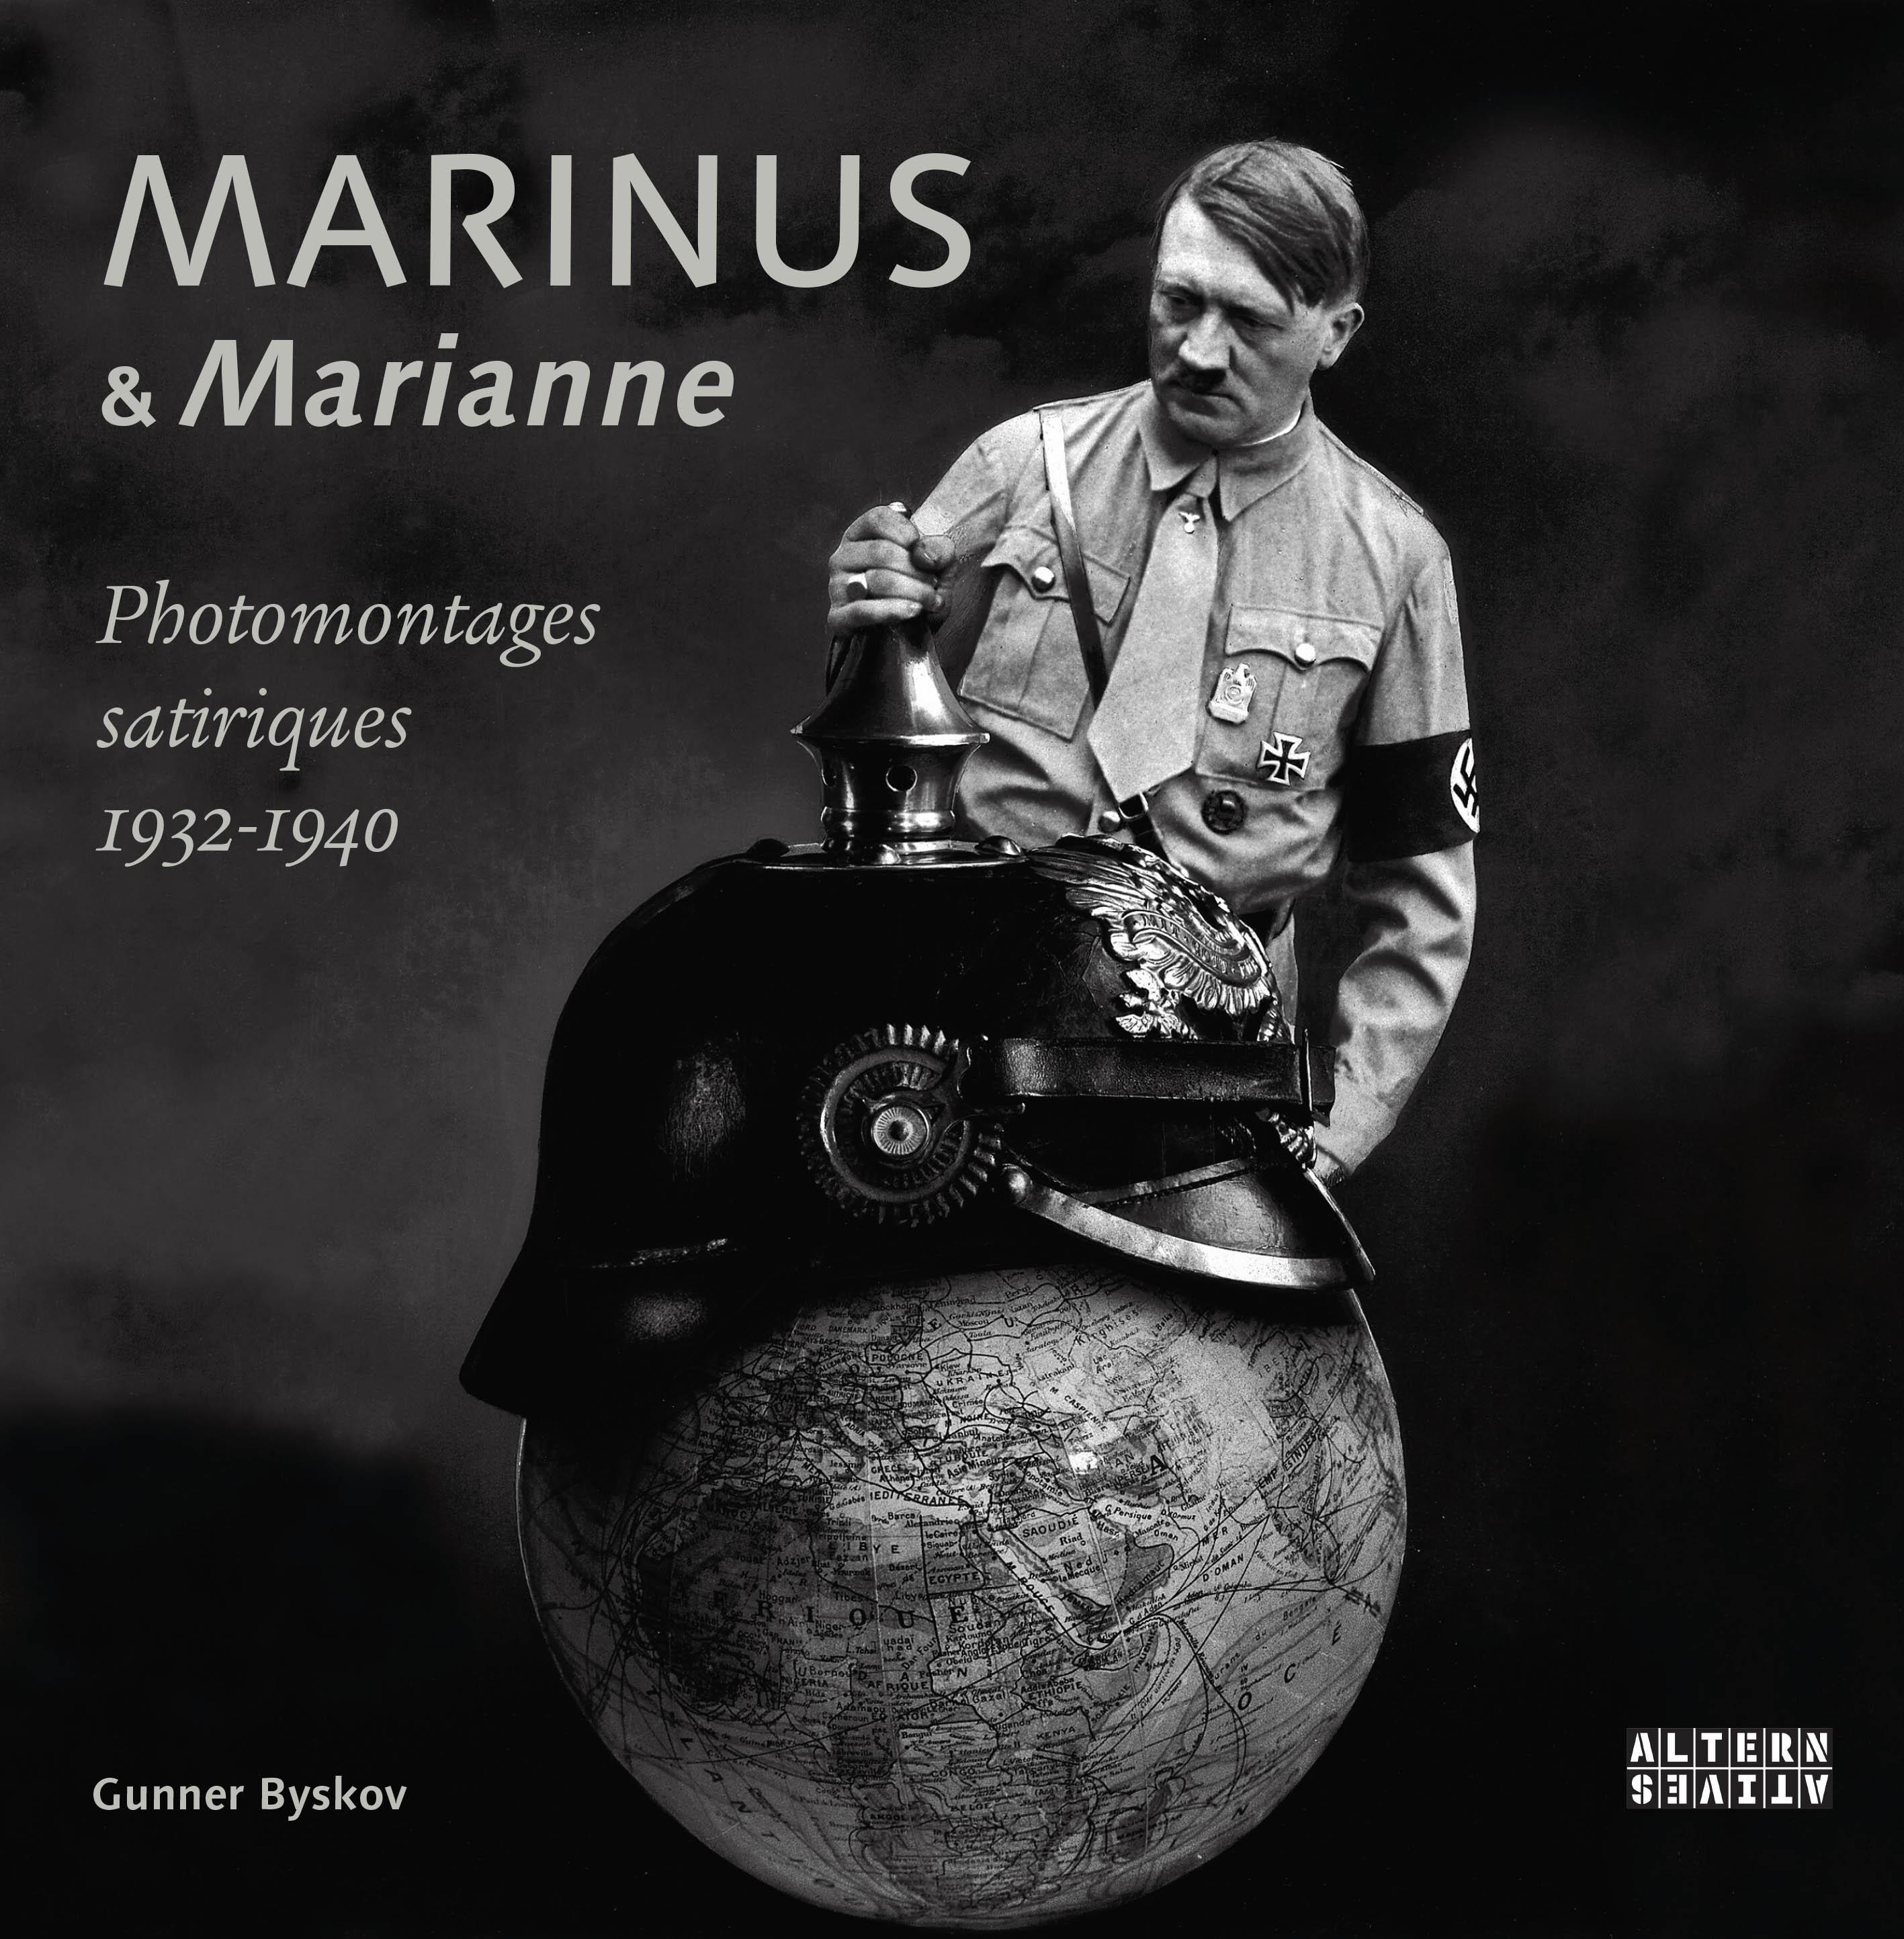 G. Byskov, Marinus et «Marianne». Photomontages satiriques 1932-1940